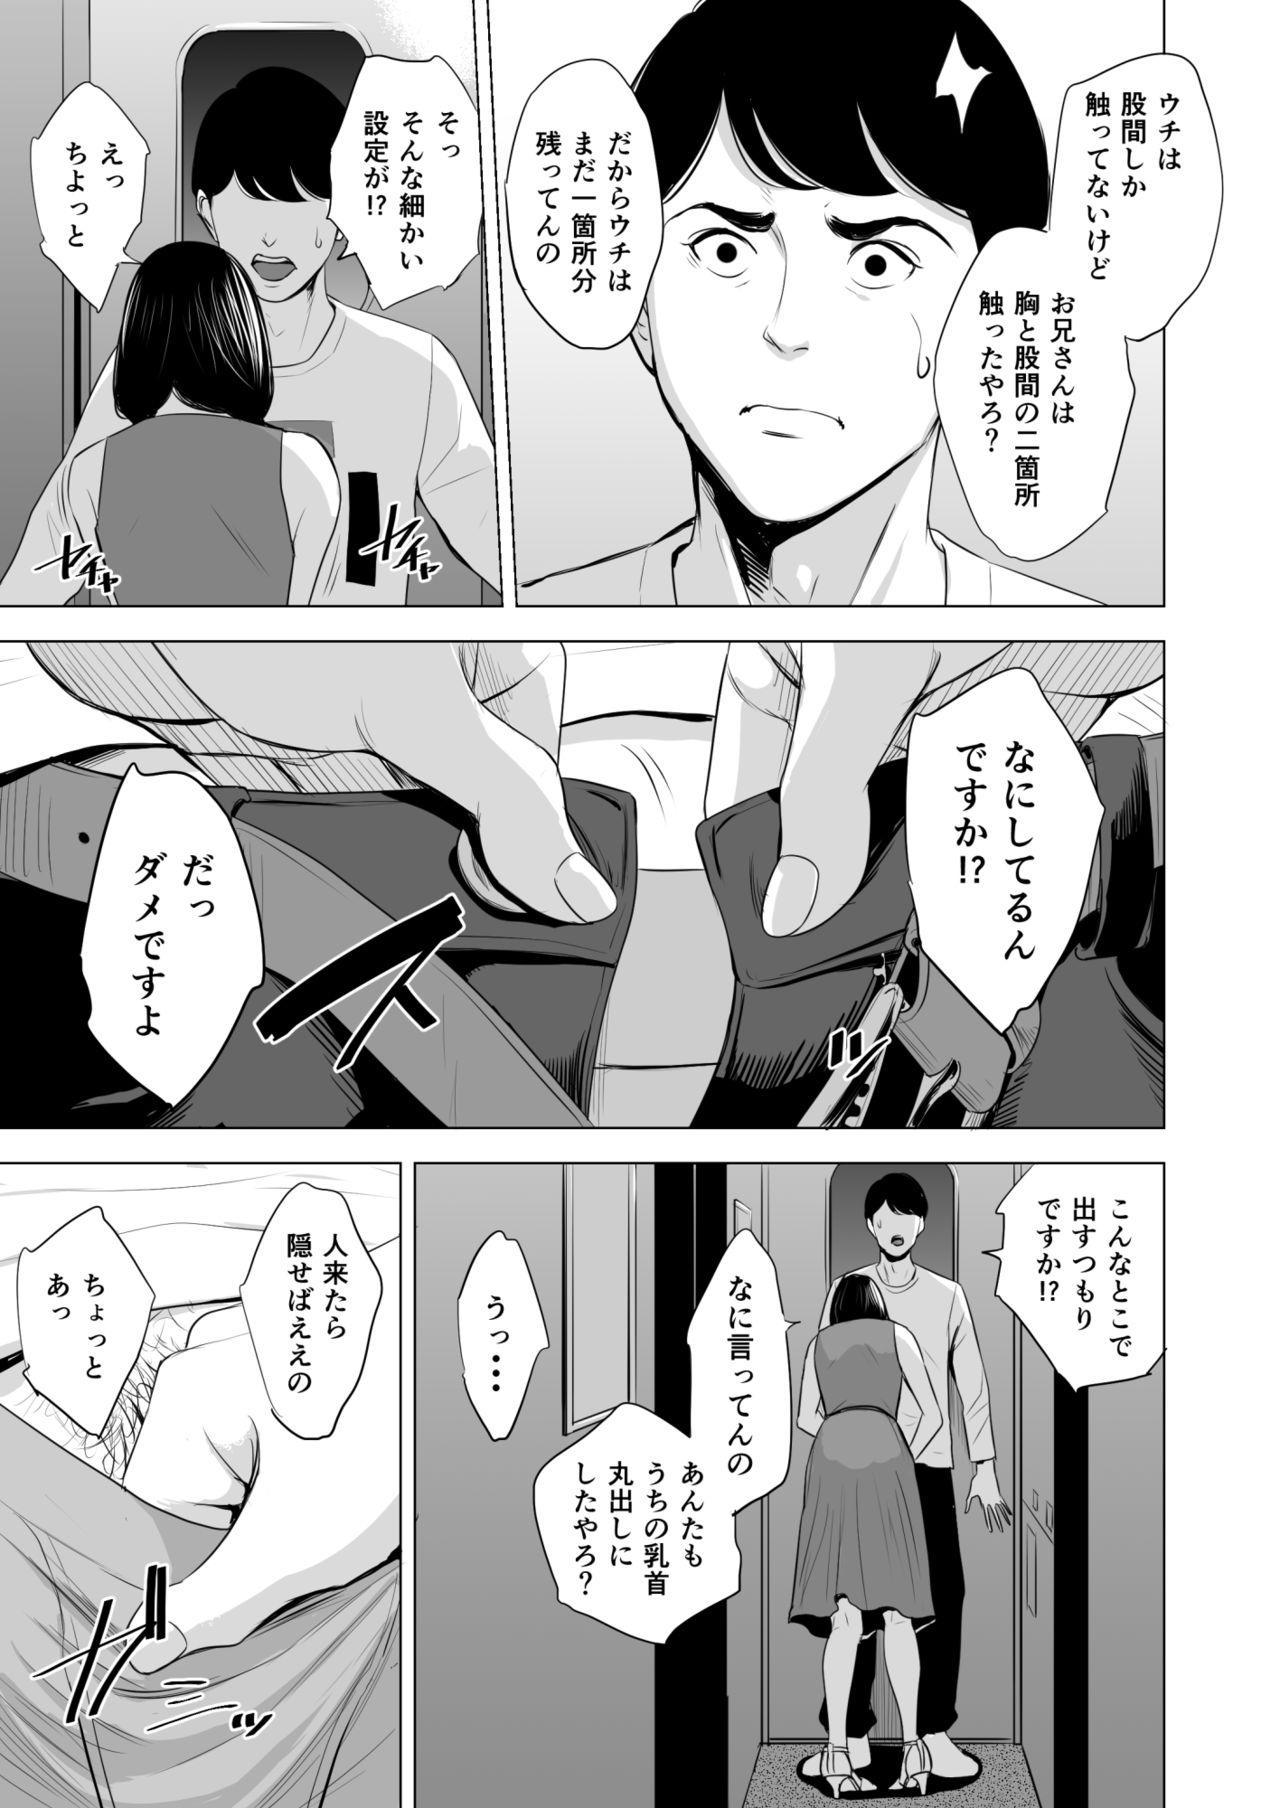 Shinkansen de Nani shiteru!? 30